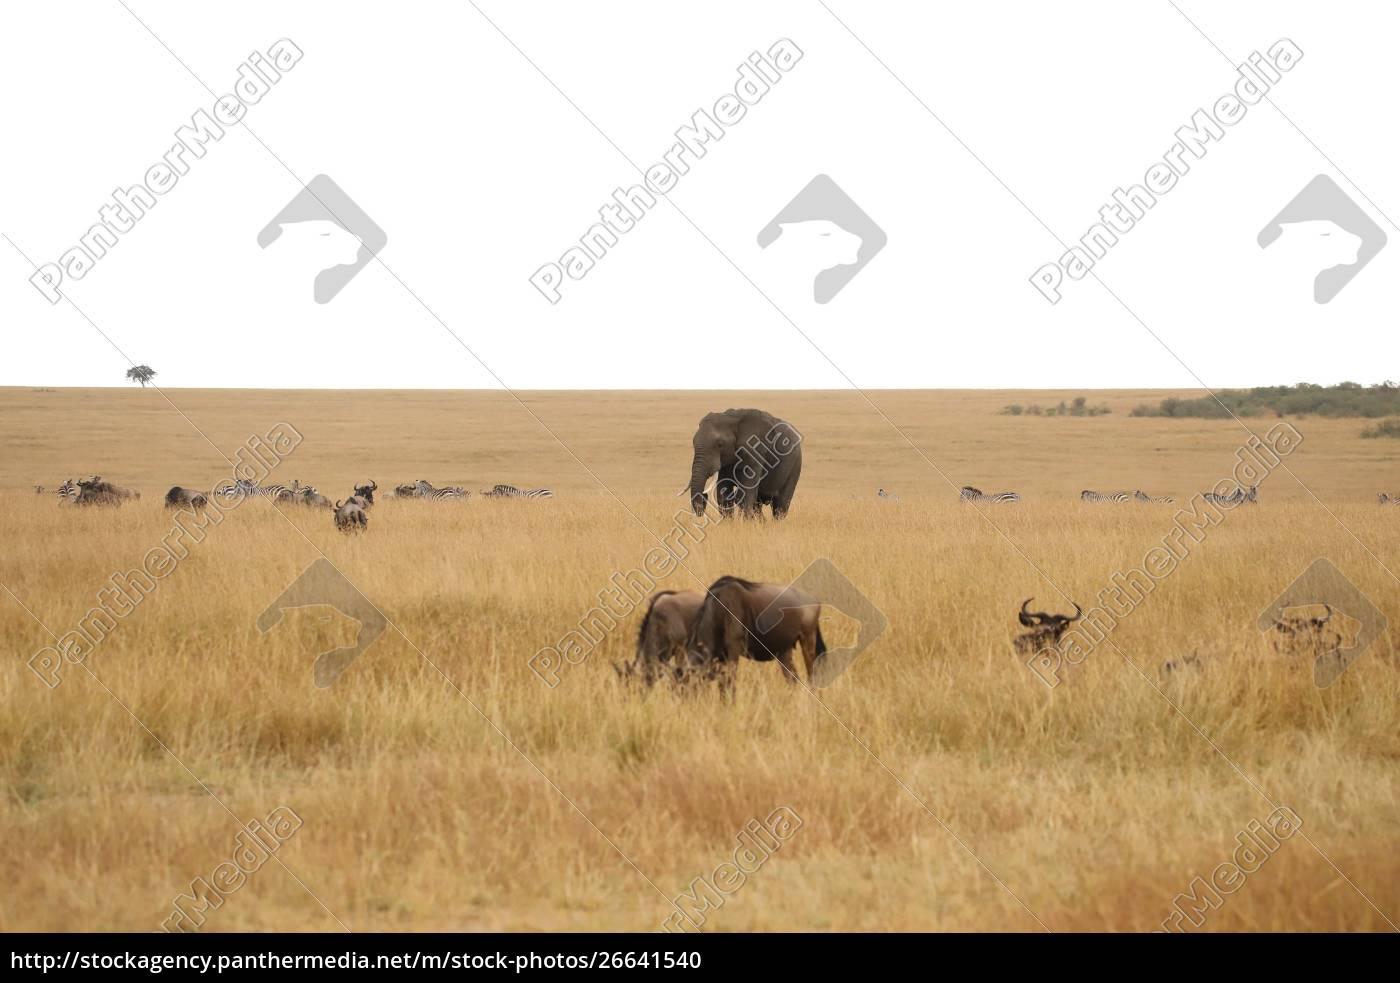 elefante, gnus, e, zebre, nella, savana, del - 26641540